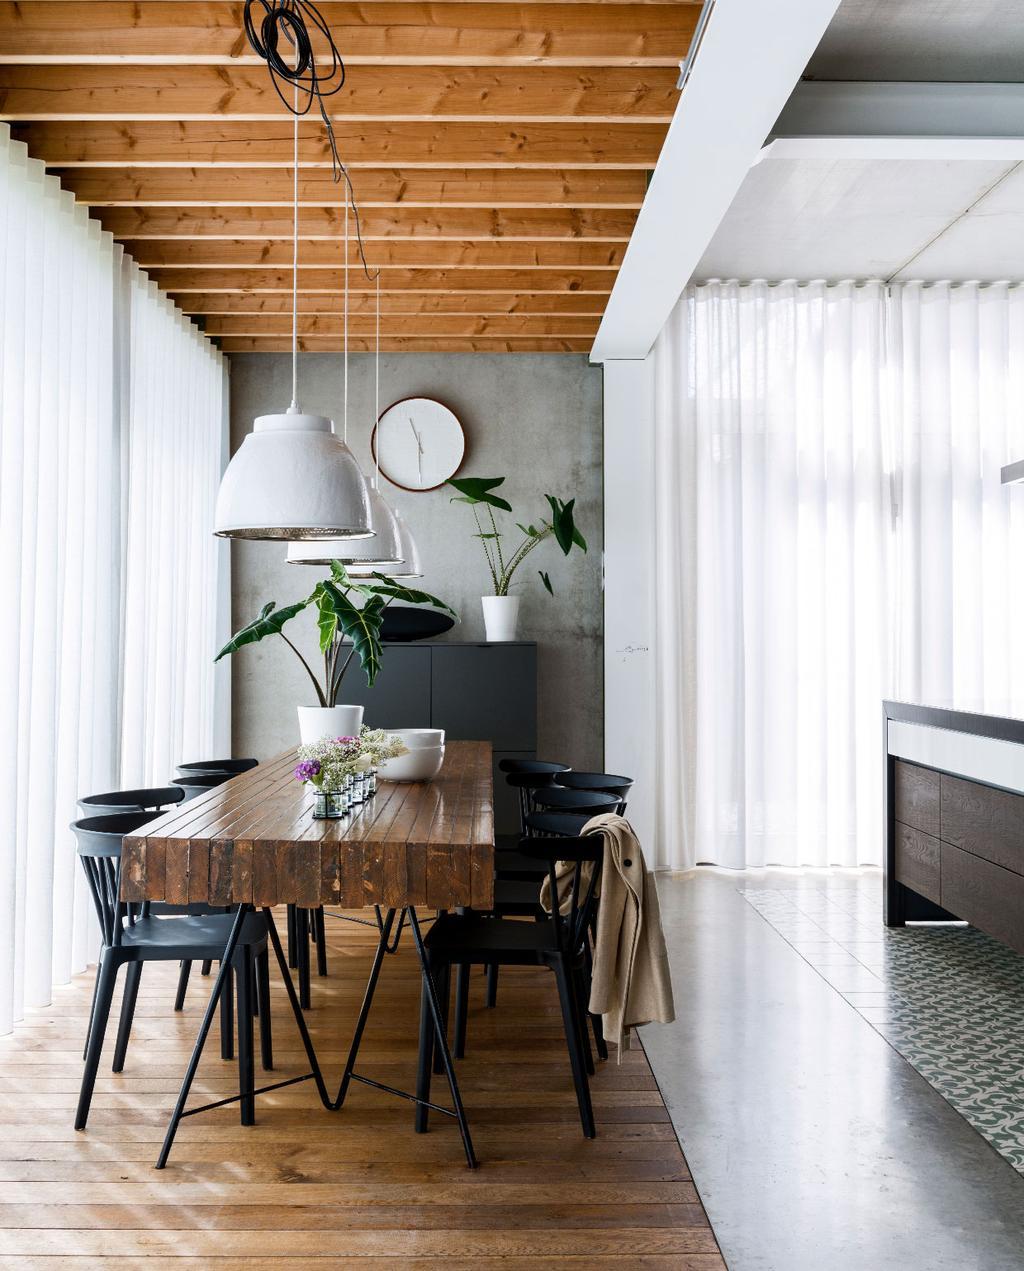 vtwonen 07-2020 | binnenkijken in Weert industriele keuken met rvs kookeiland en zelfgemaakte houten eettafel